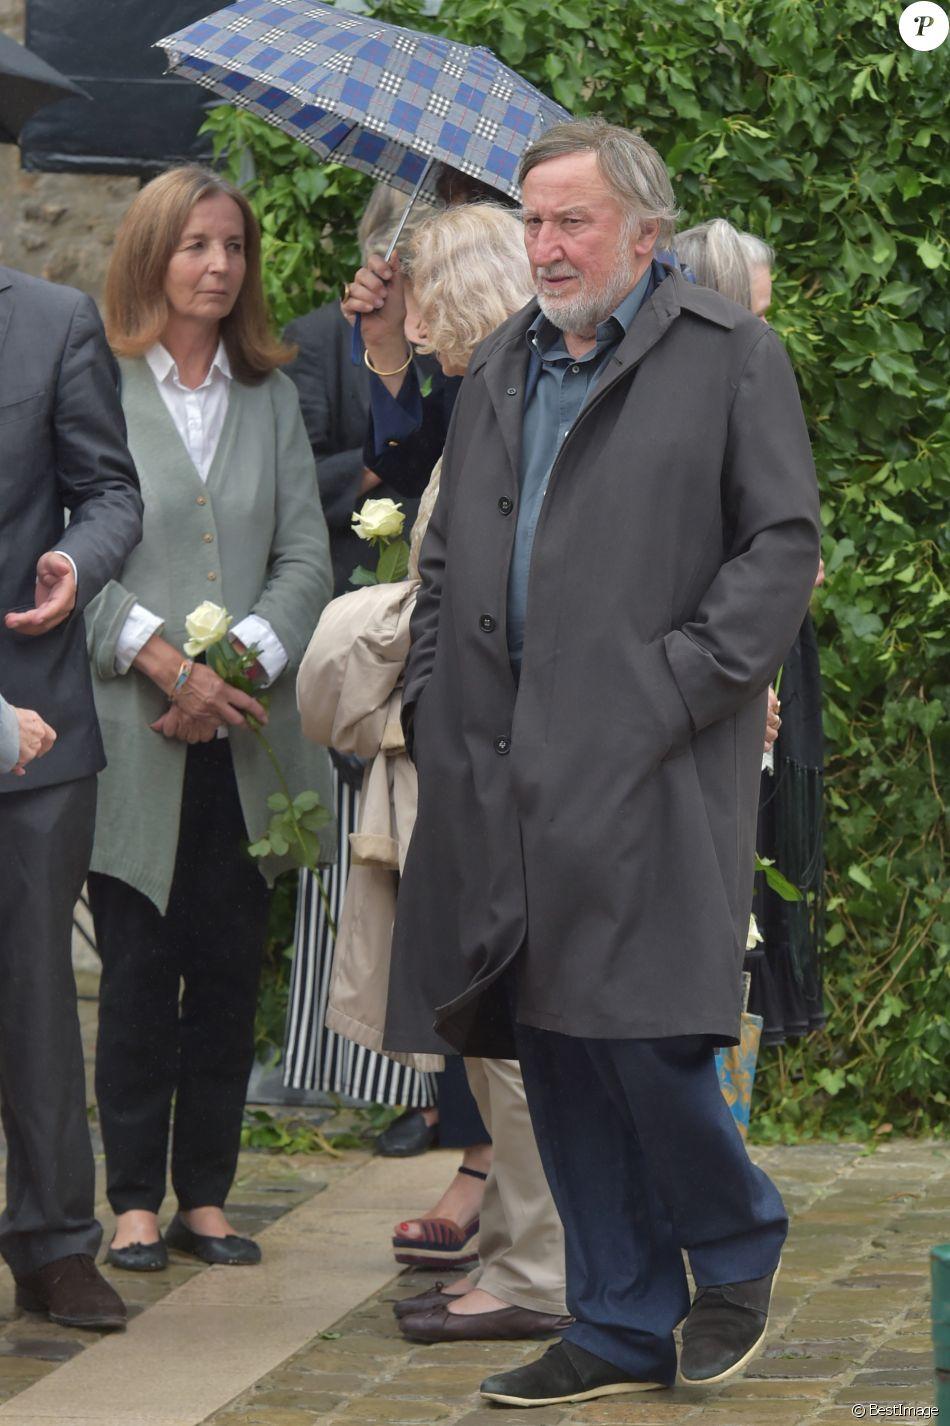 Jean fran ois balmer lors des obs ques de claude rich en l 39 glise saint pierre saint paul d - Jean francois balmer et sa femme ...